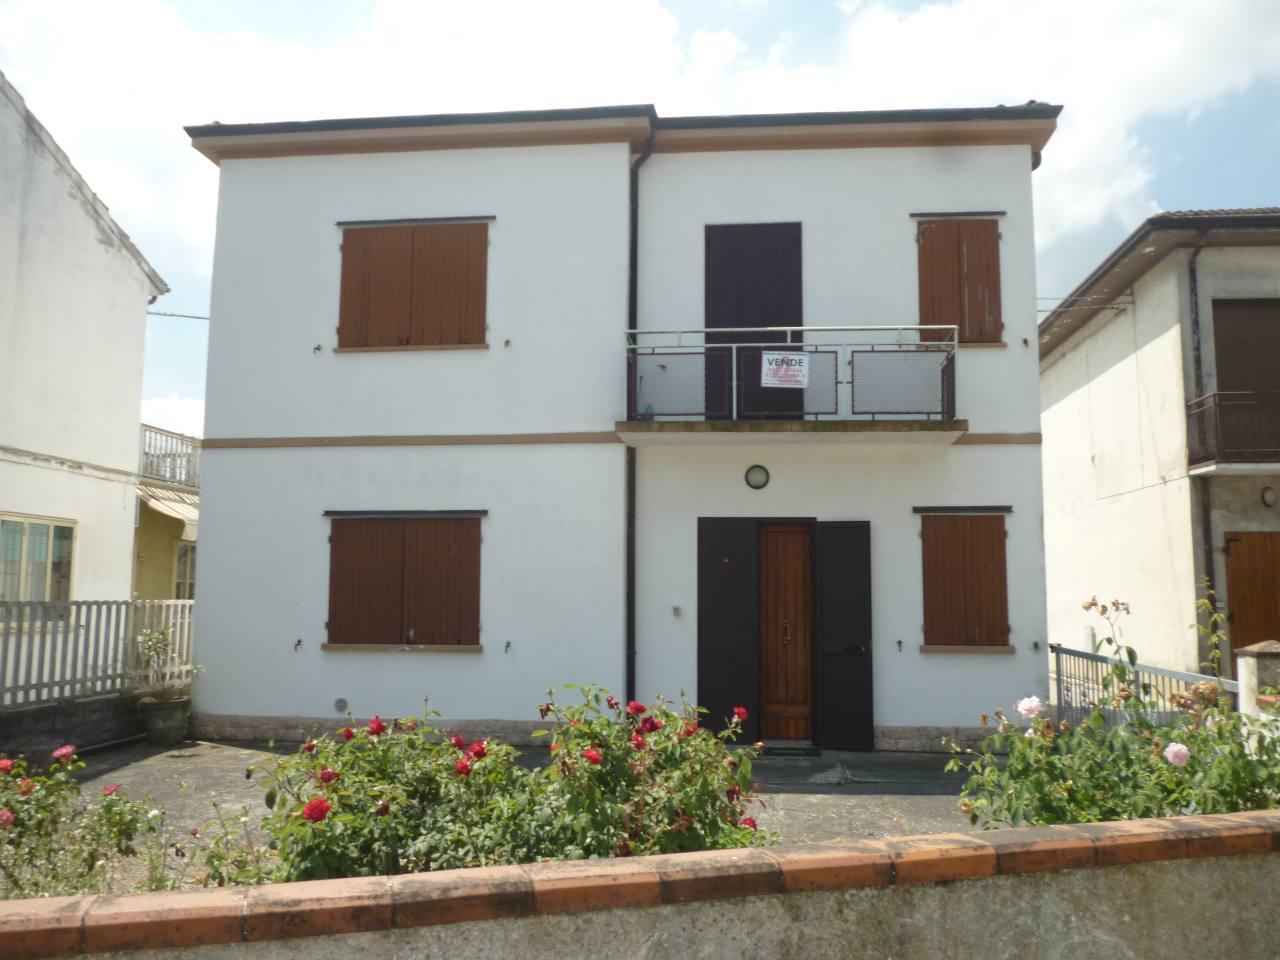 Soluzione Indipendente in vendita a Masi Torello, 2 locali, zona Località: Masi Torello, prezzo € 78.000 | CambioCasa.it